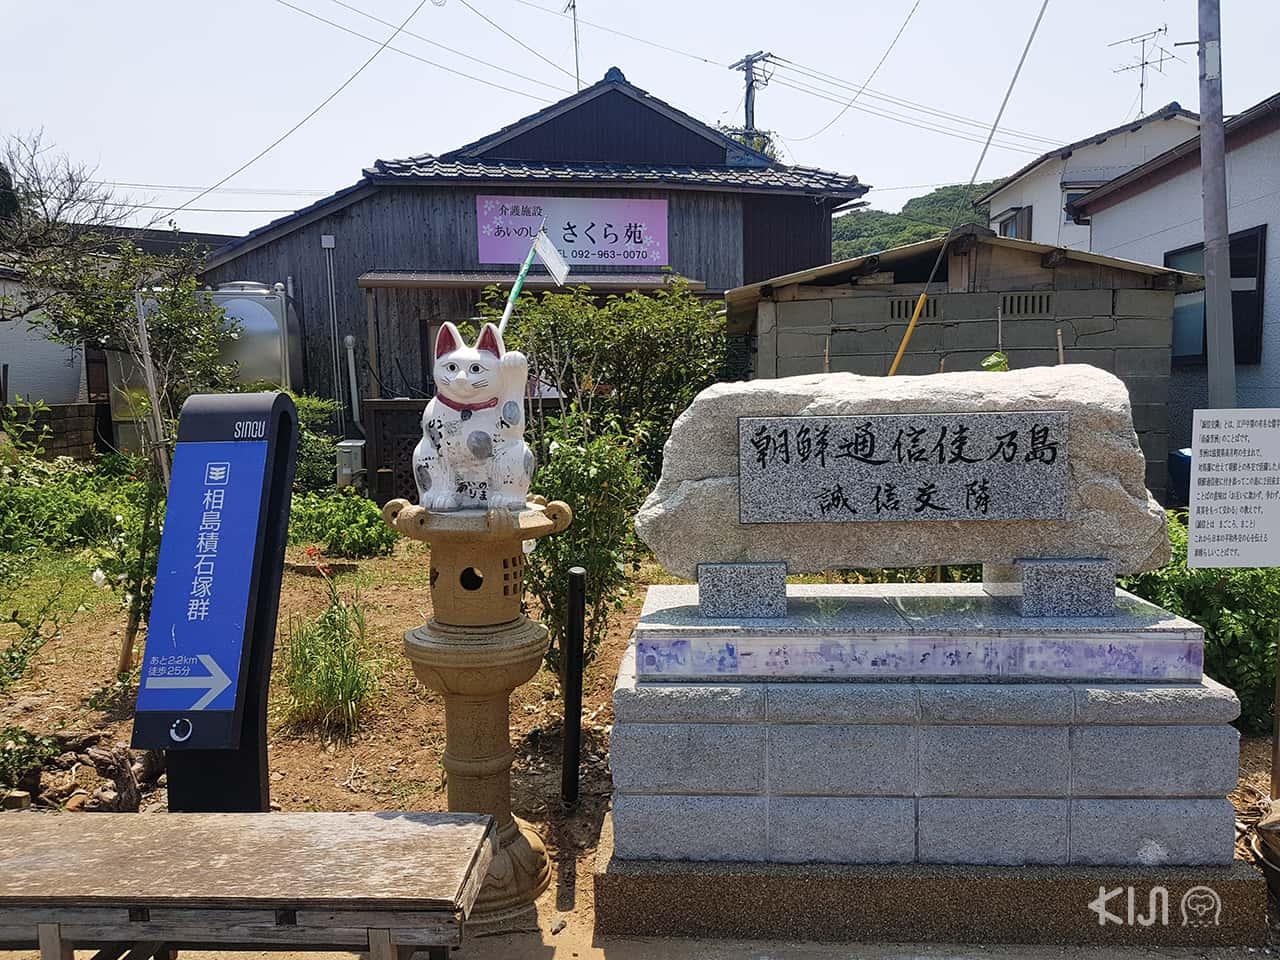 ที่ท่องเที่ยวมีแมวในญี่ปุ่น : เกาะไอโนะชิม่า จังหวัดฟุกุโอกะ